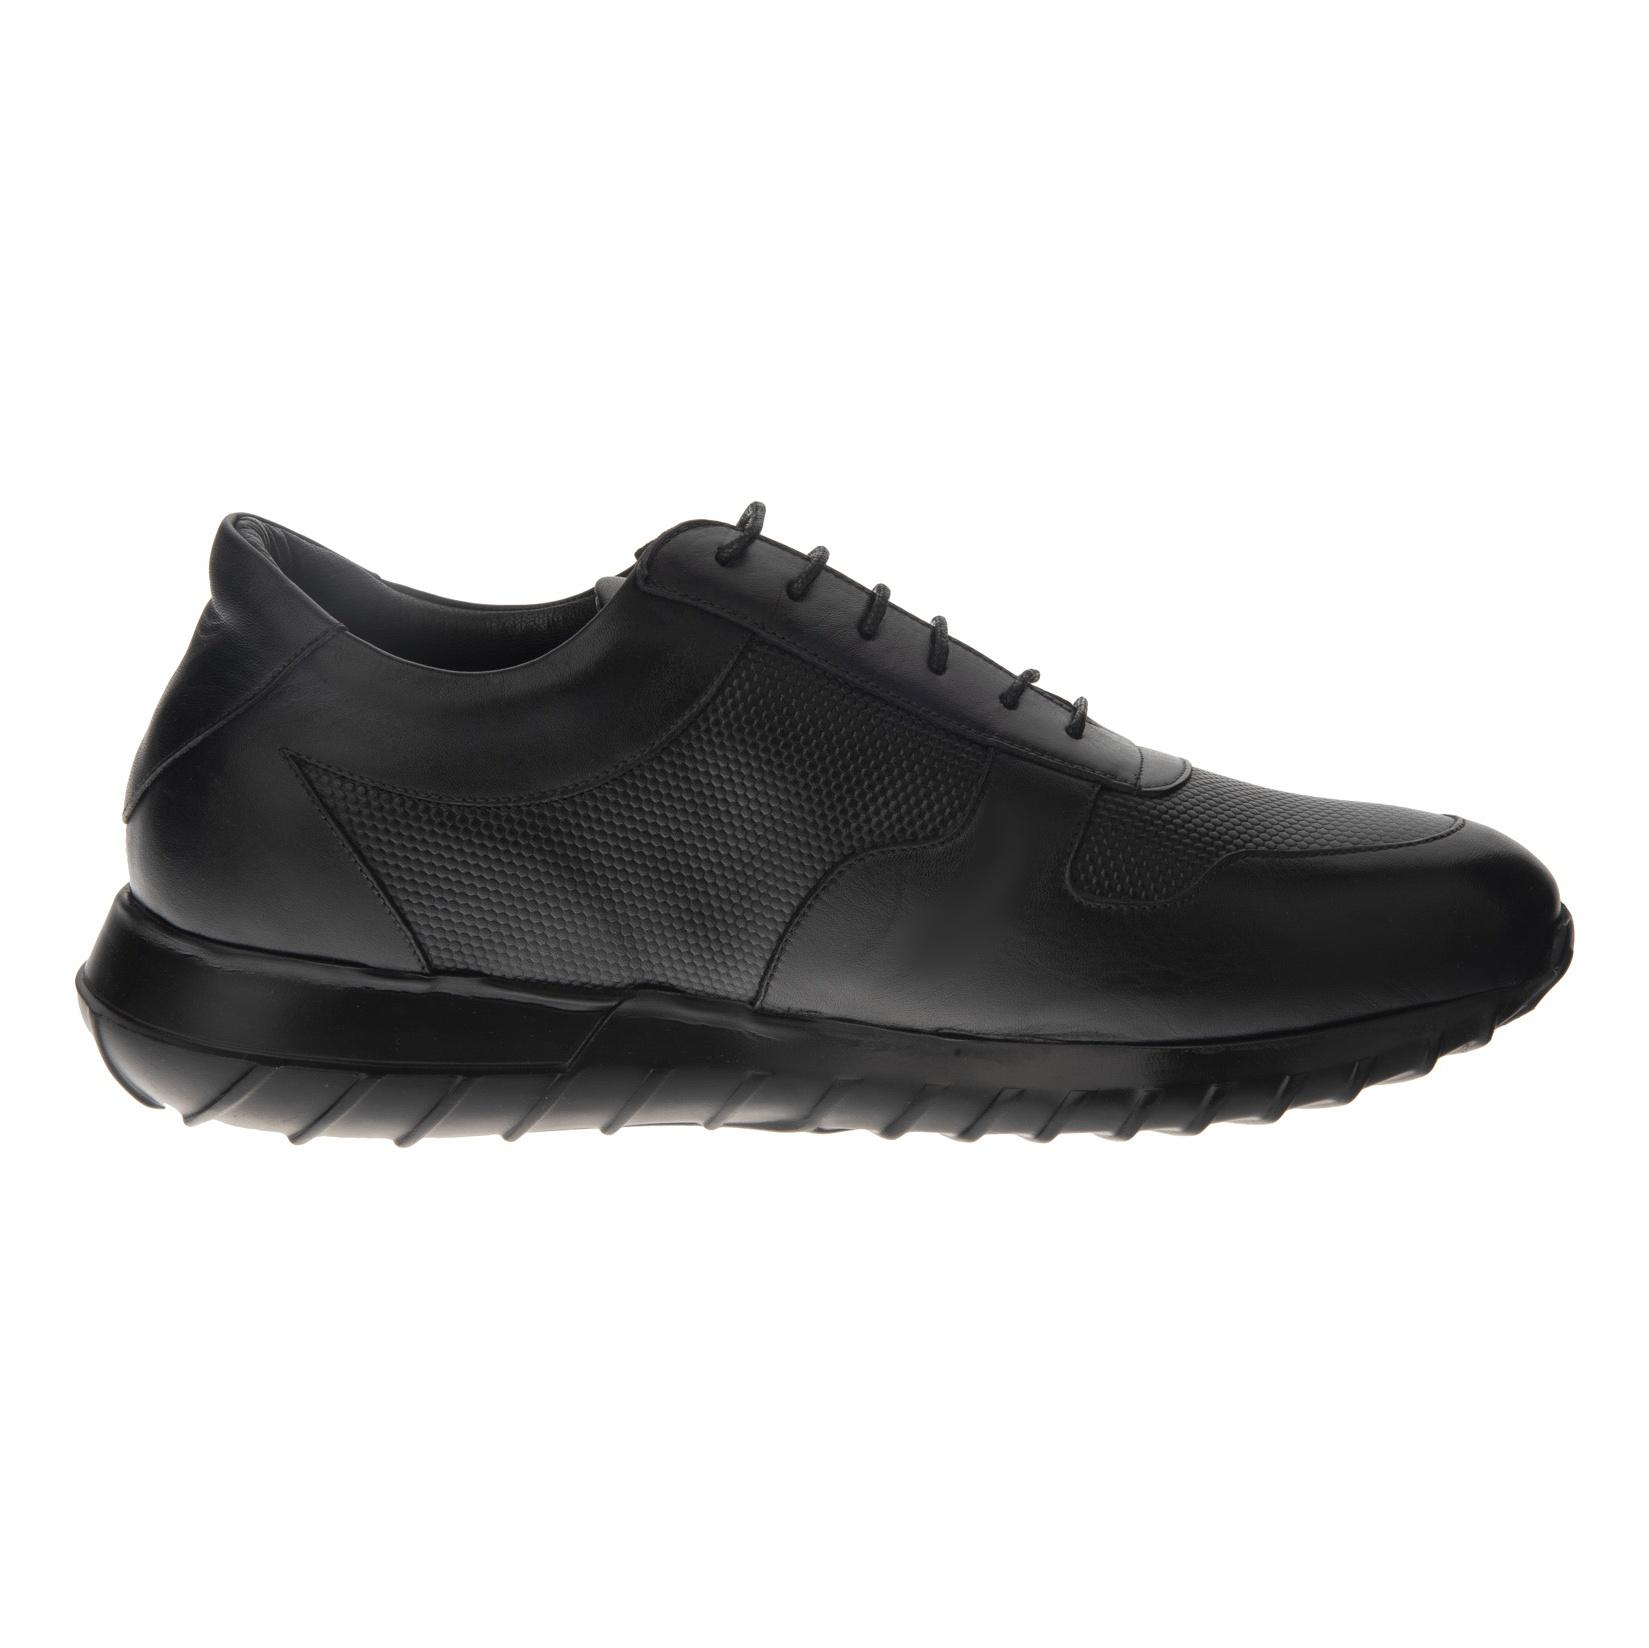 کفش روزمره مردانه اورسی مدل 926-27